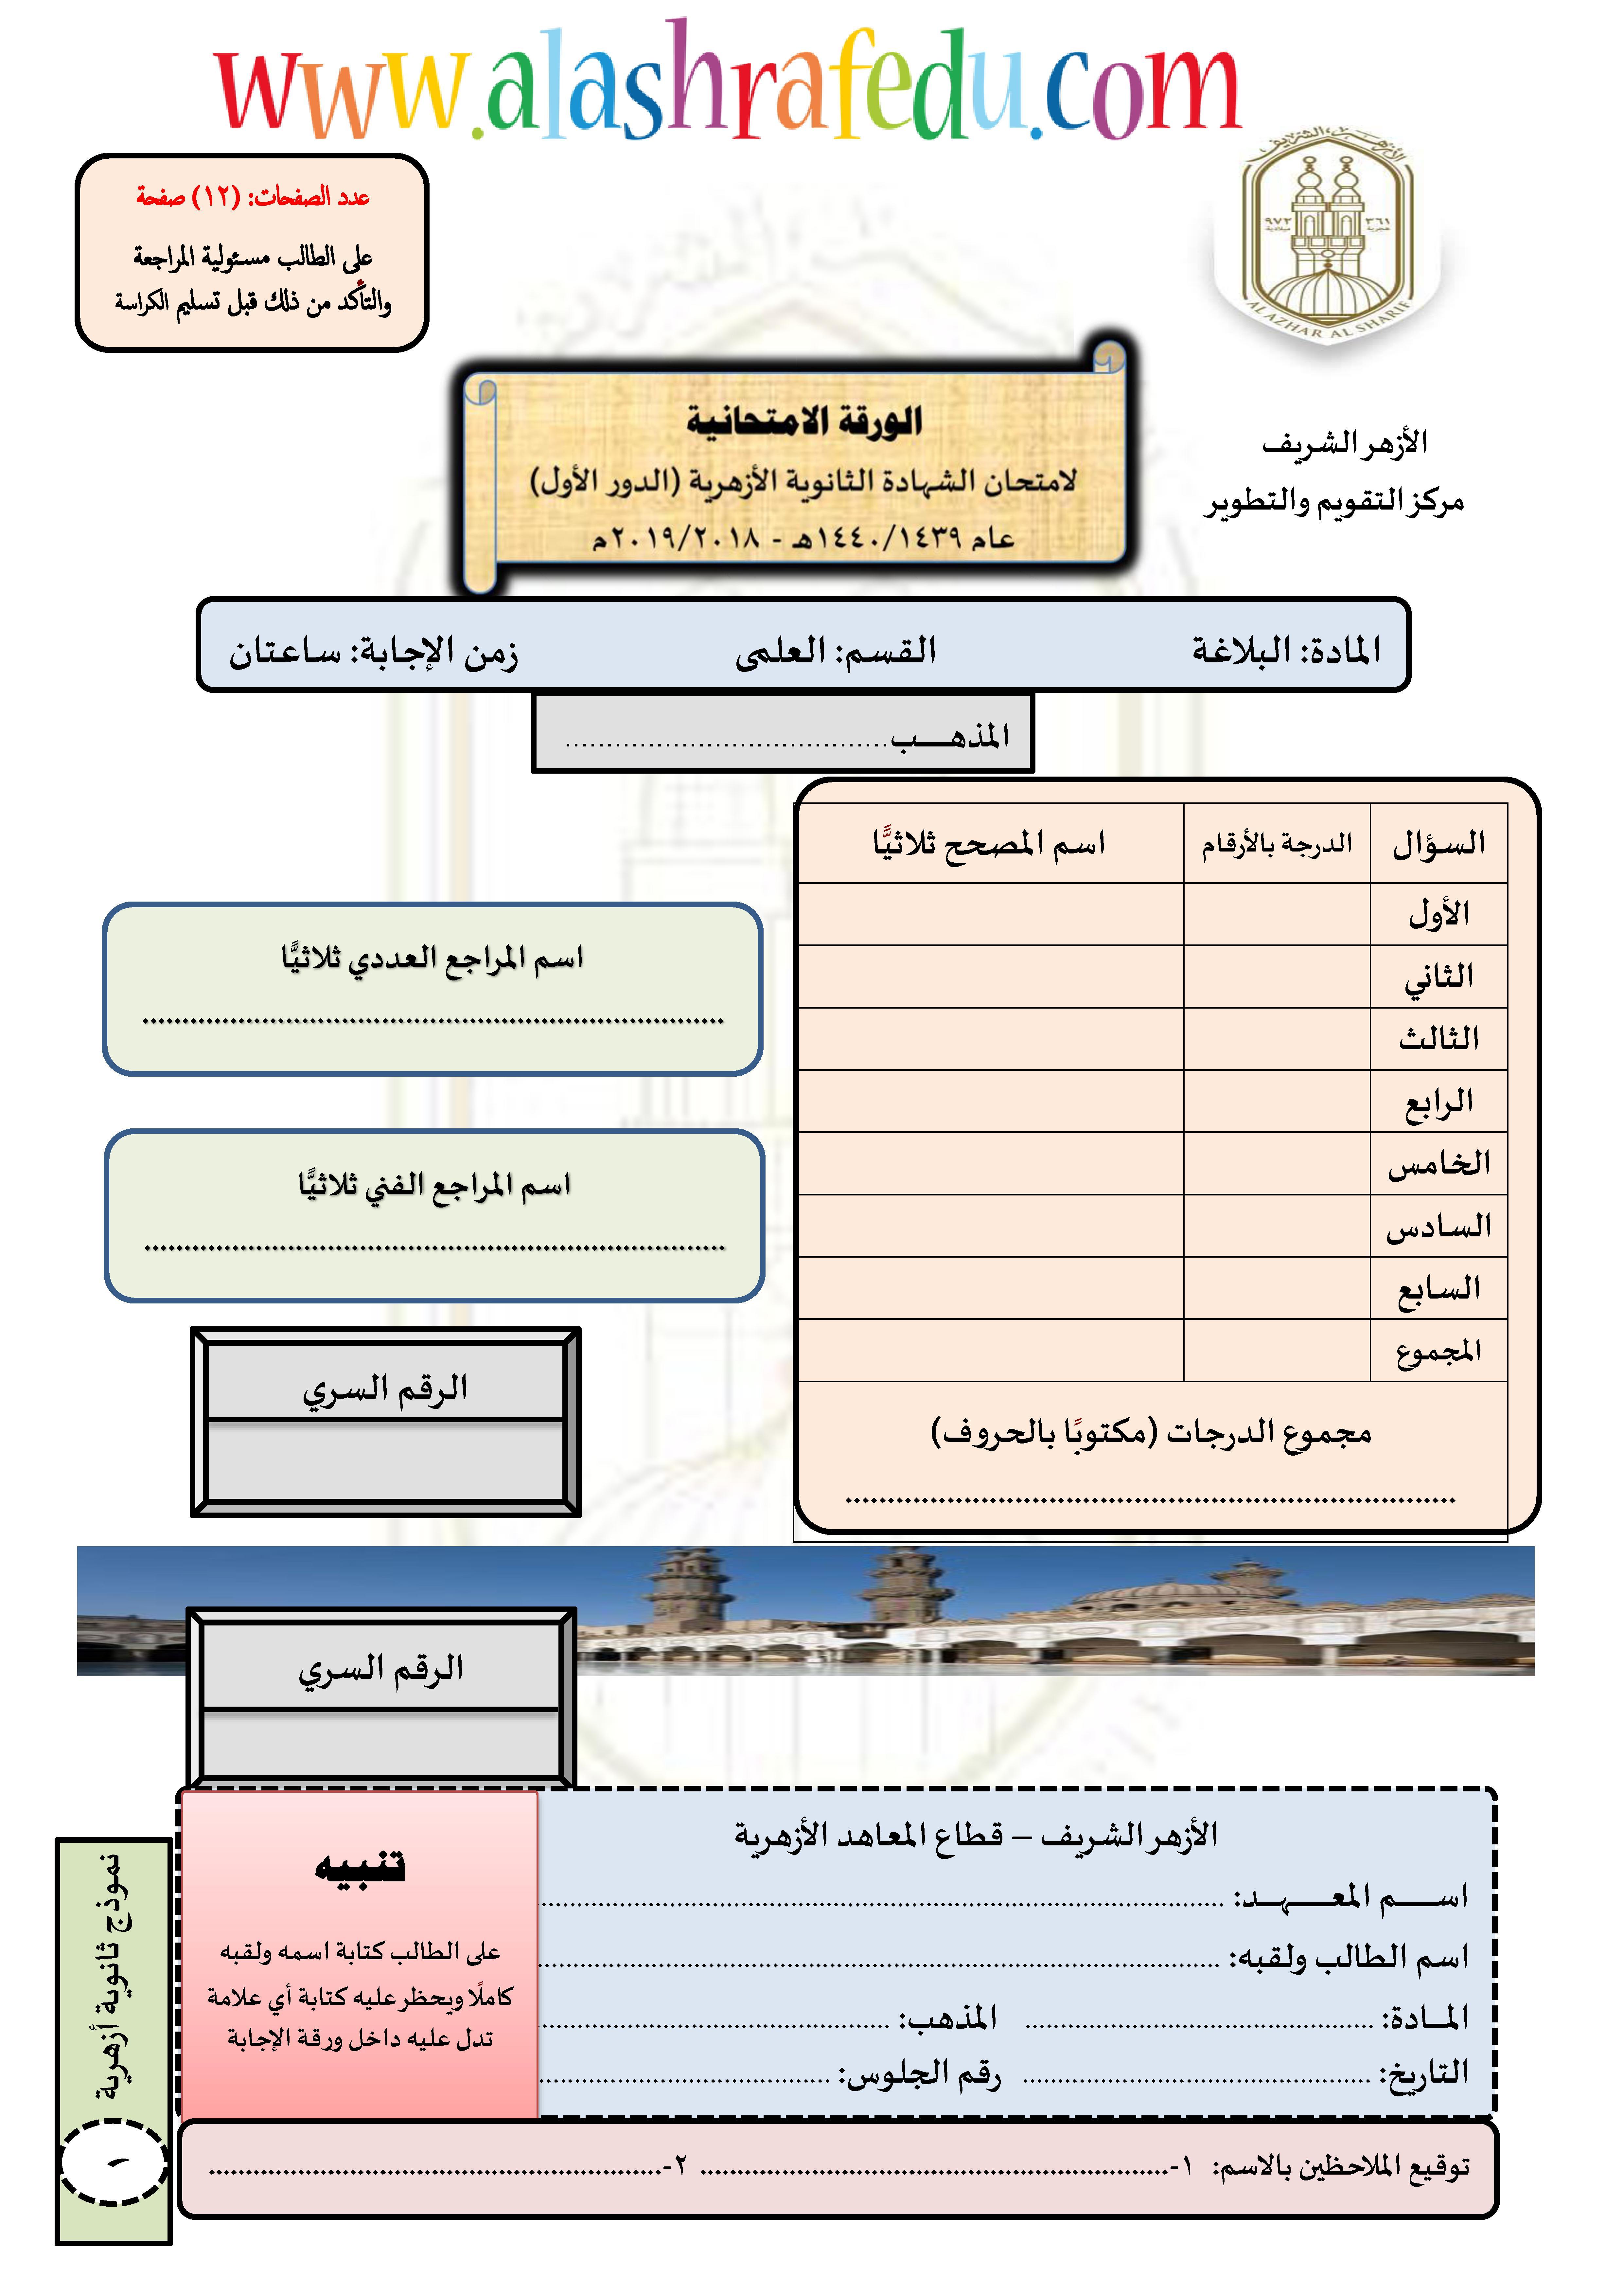 نموذج بوكليت إسترشادى بلاغه الإمتحان الإجابه 2019 الشهاده الثانويه الأزهريه www.alashrafedu.com1